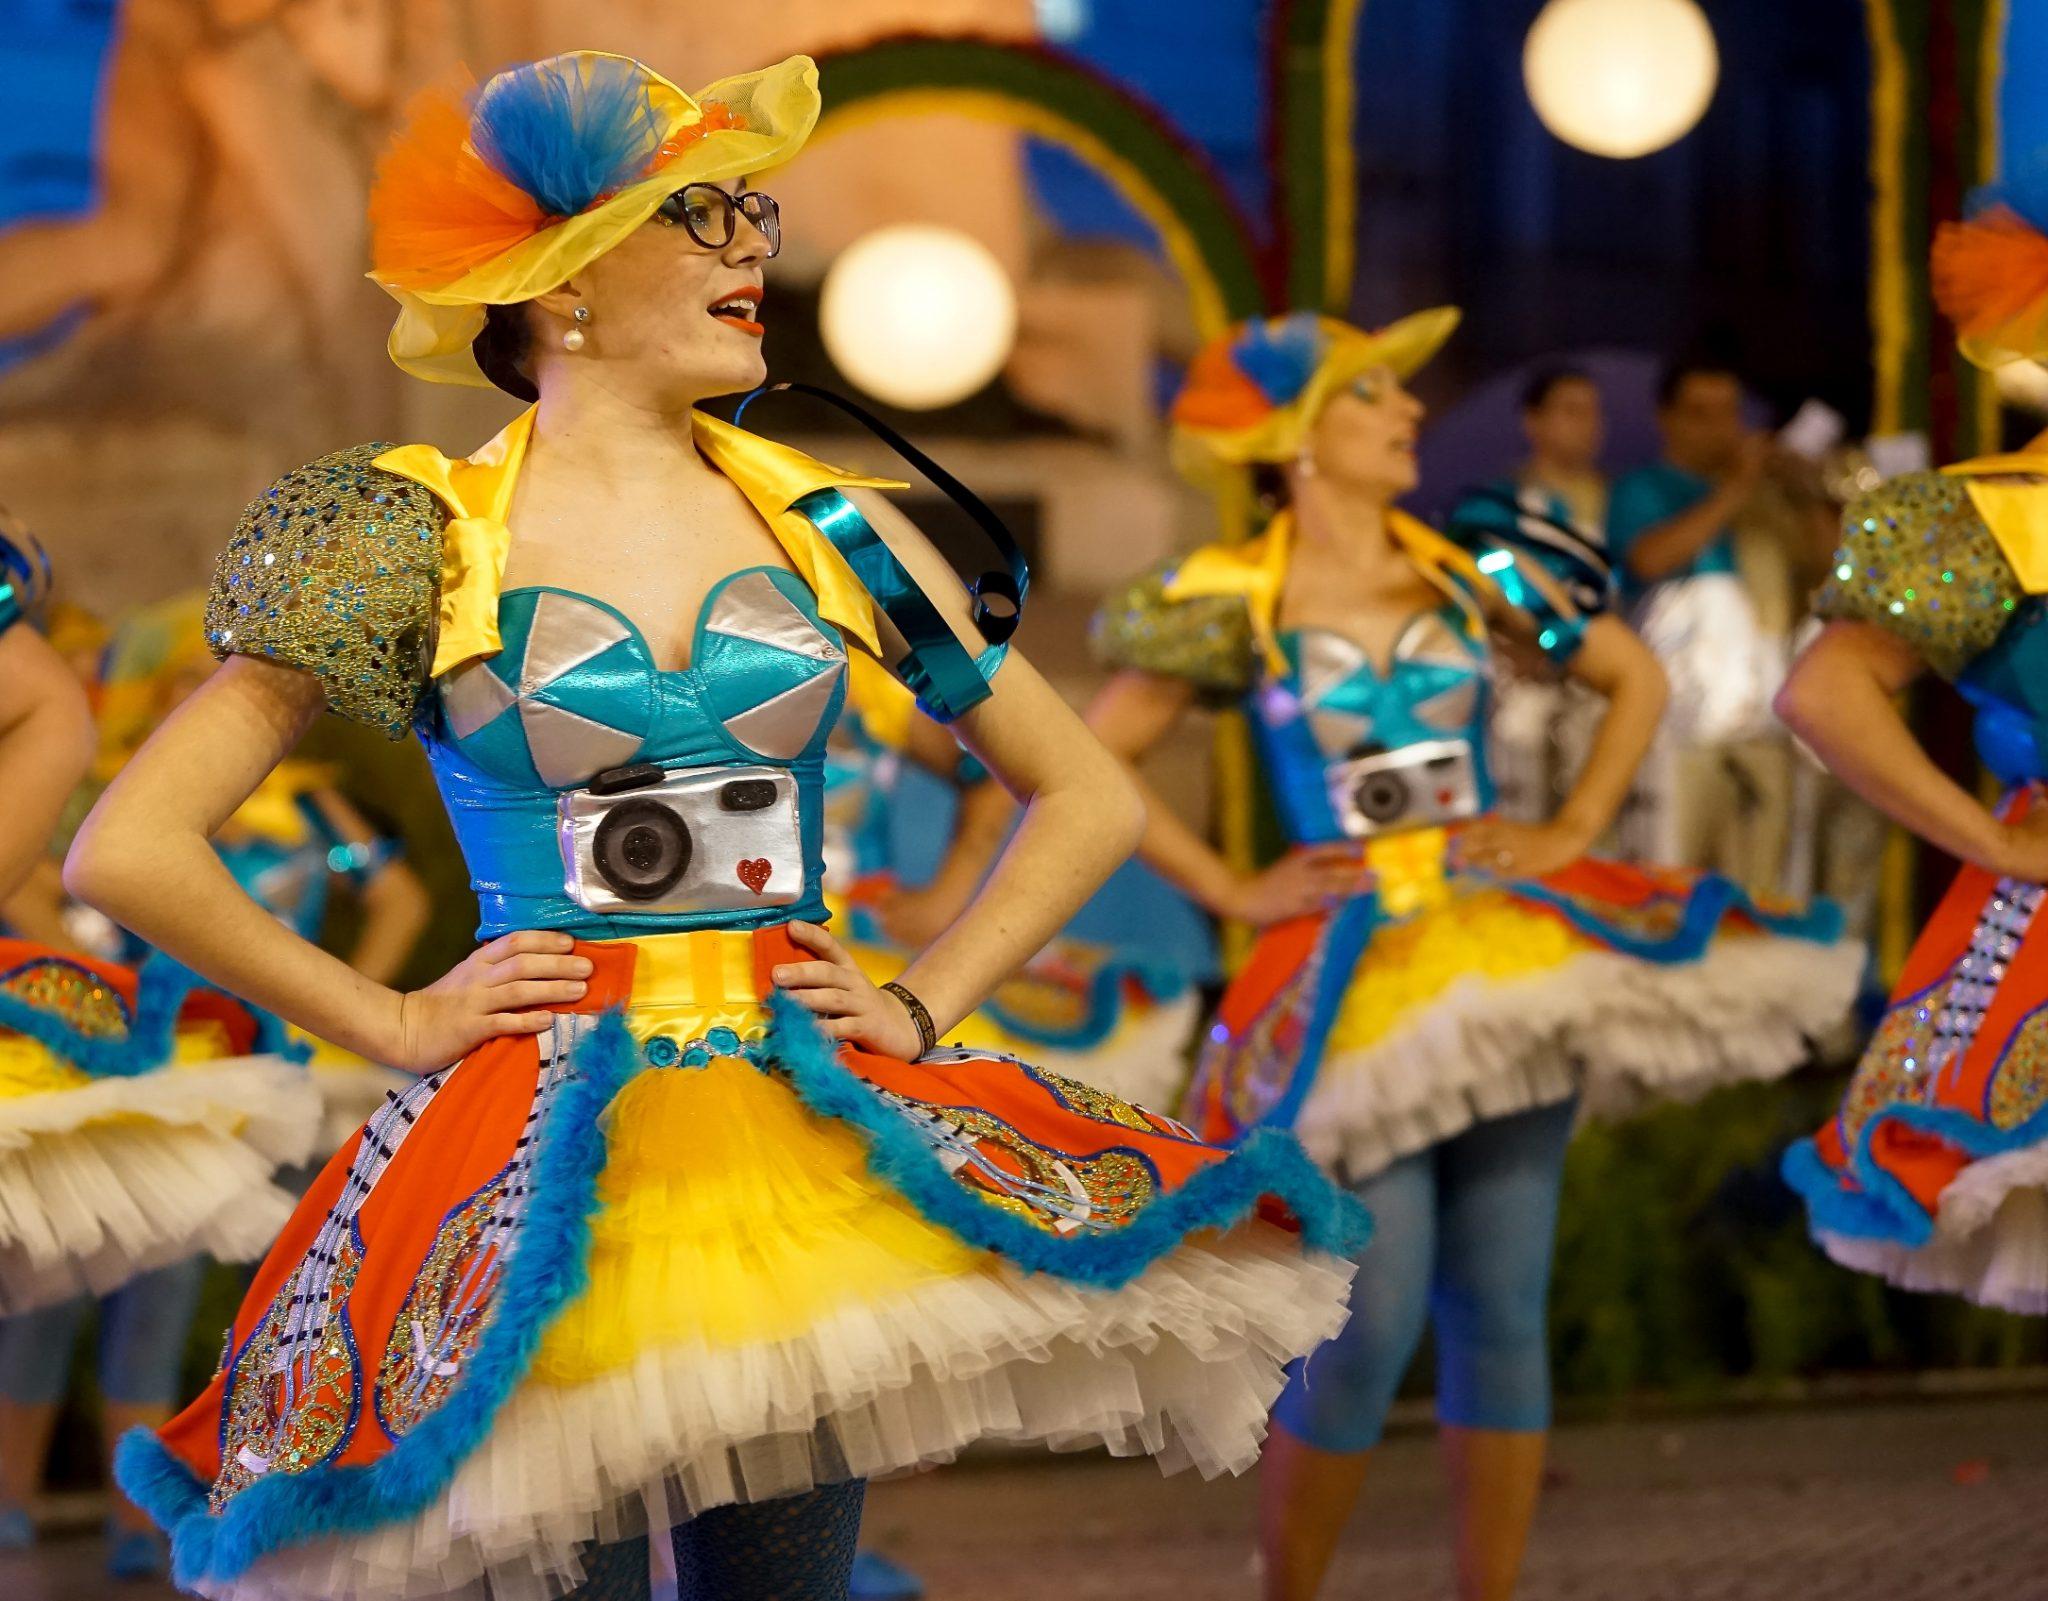 Em primeiro plano, uma mulher de corpete e saia colorida dança na Avenida da Liberdade.